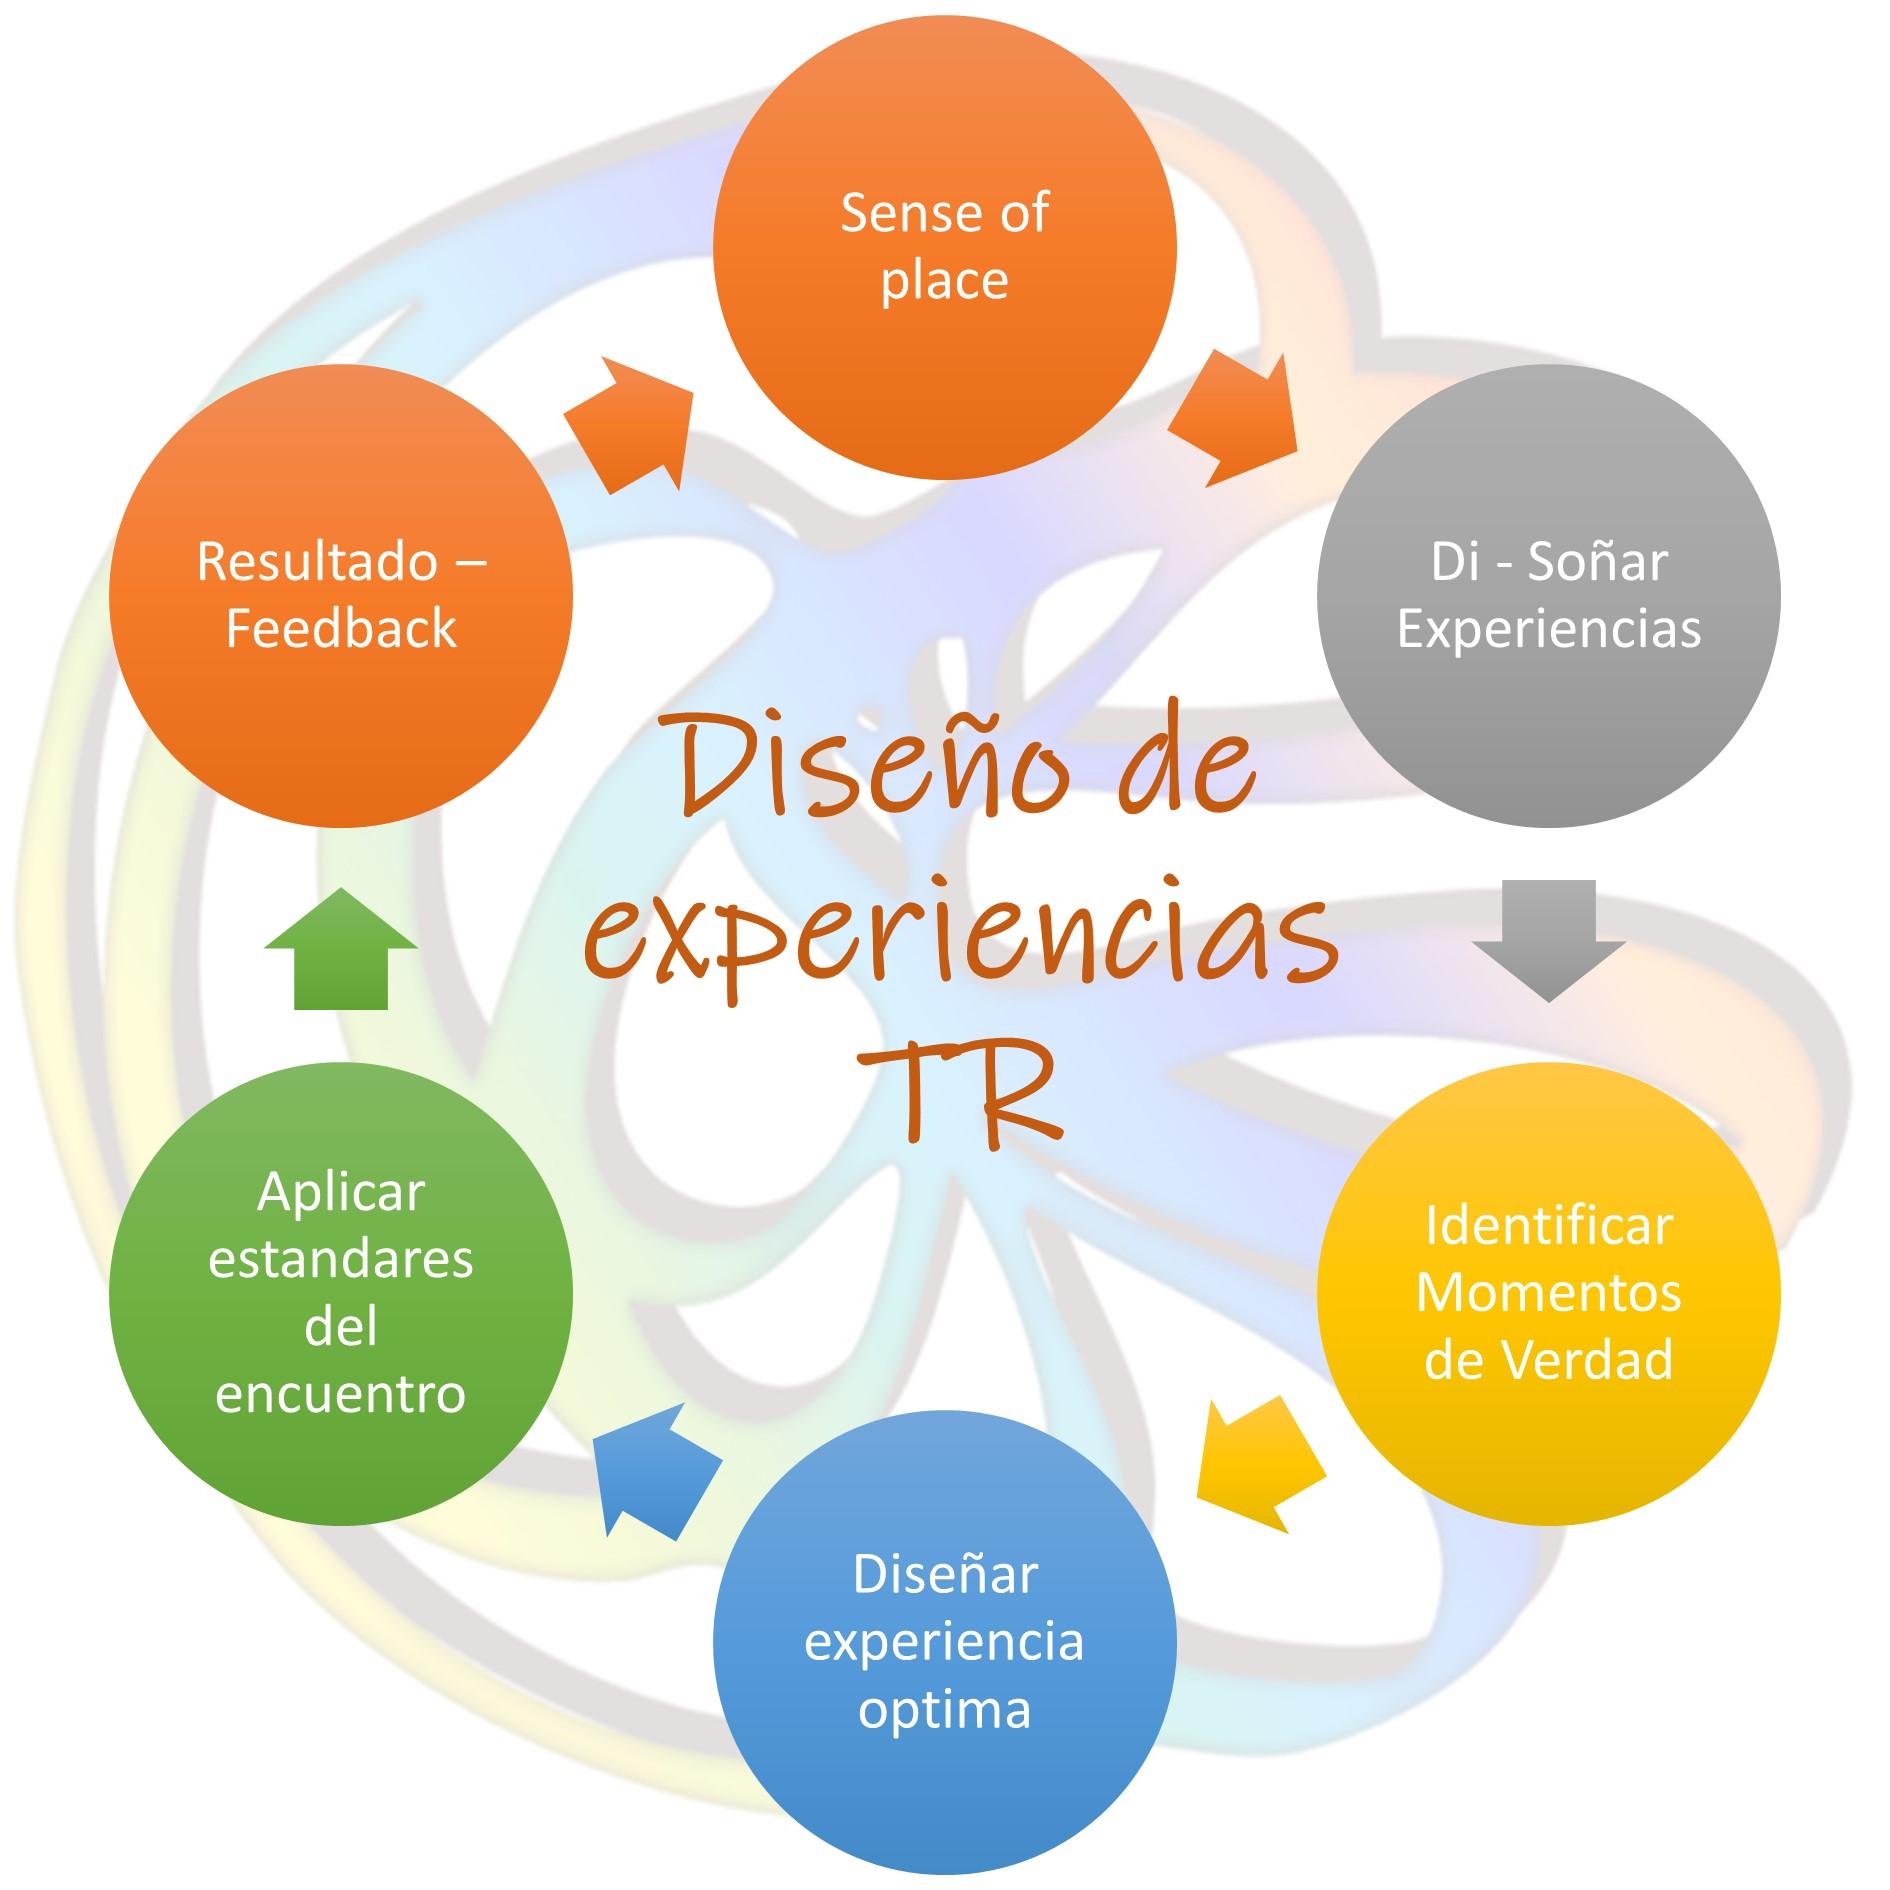 Diseño de experiencias diagrama